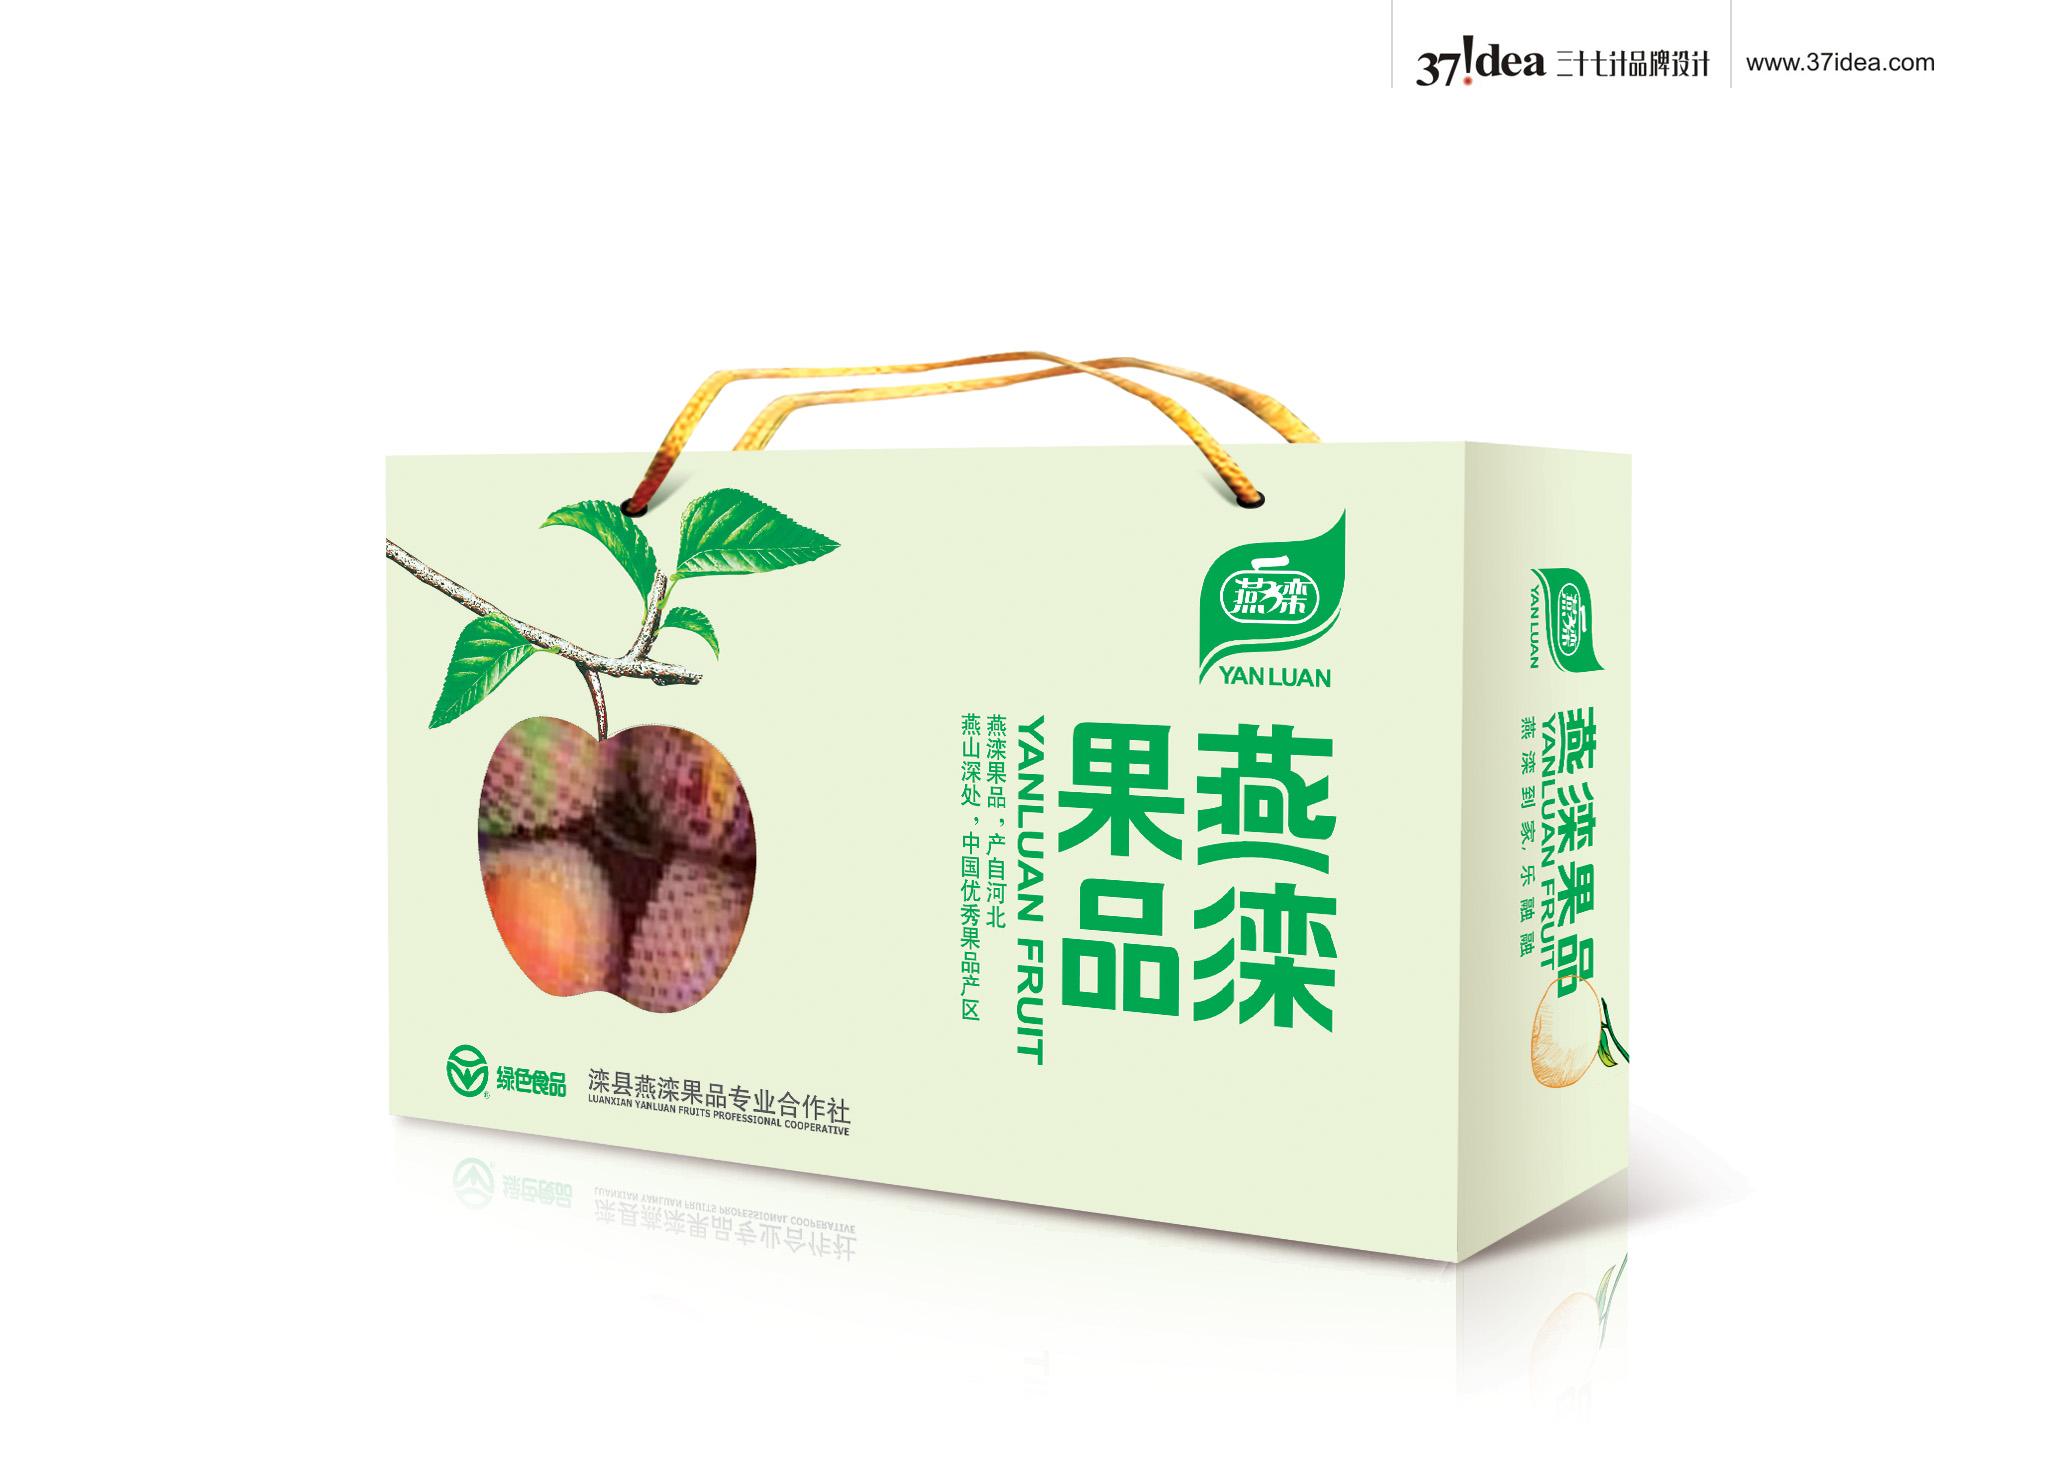 燕灤VI-商品包裝